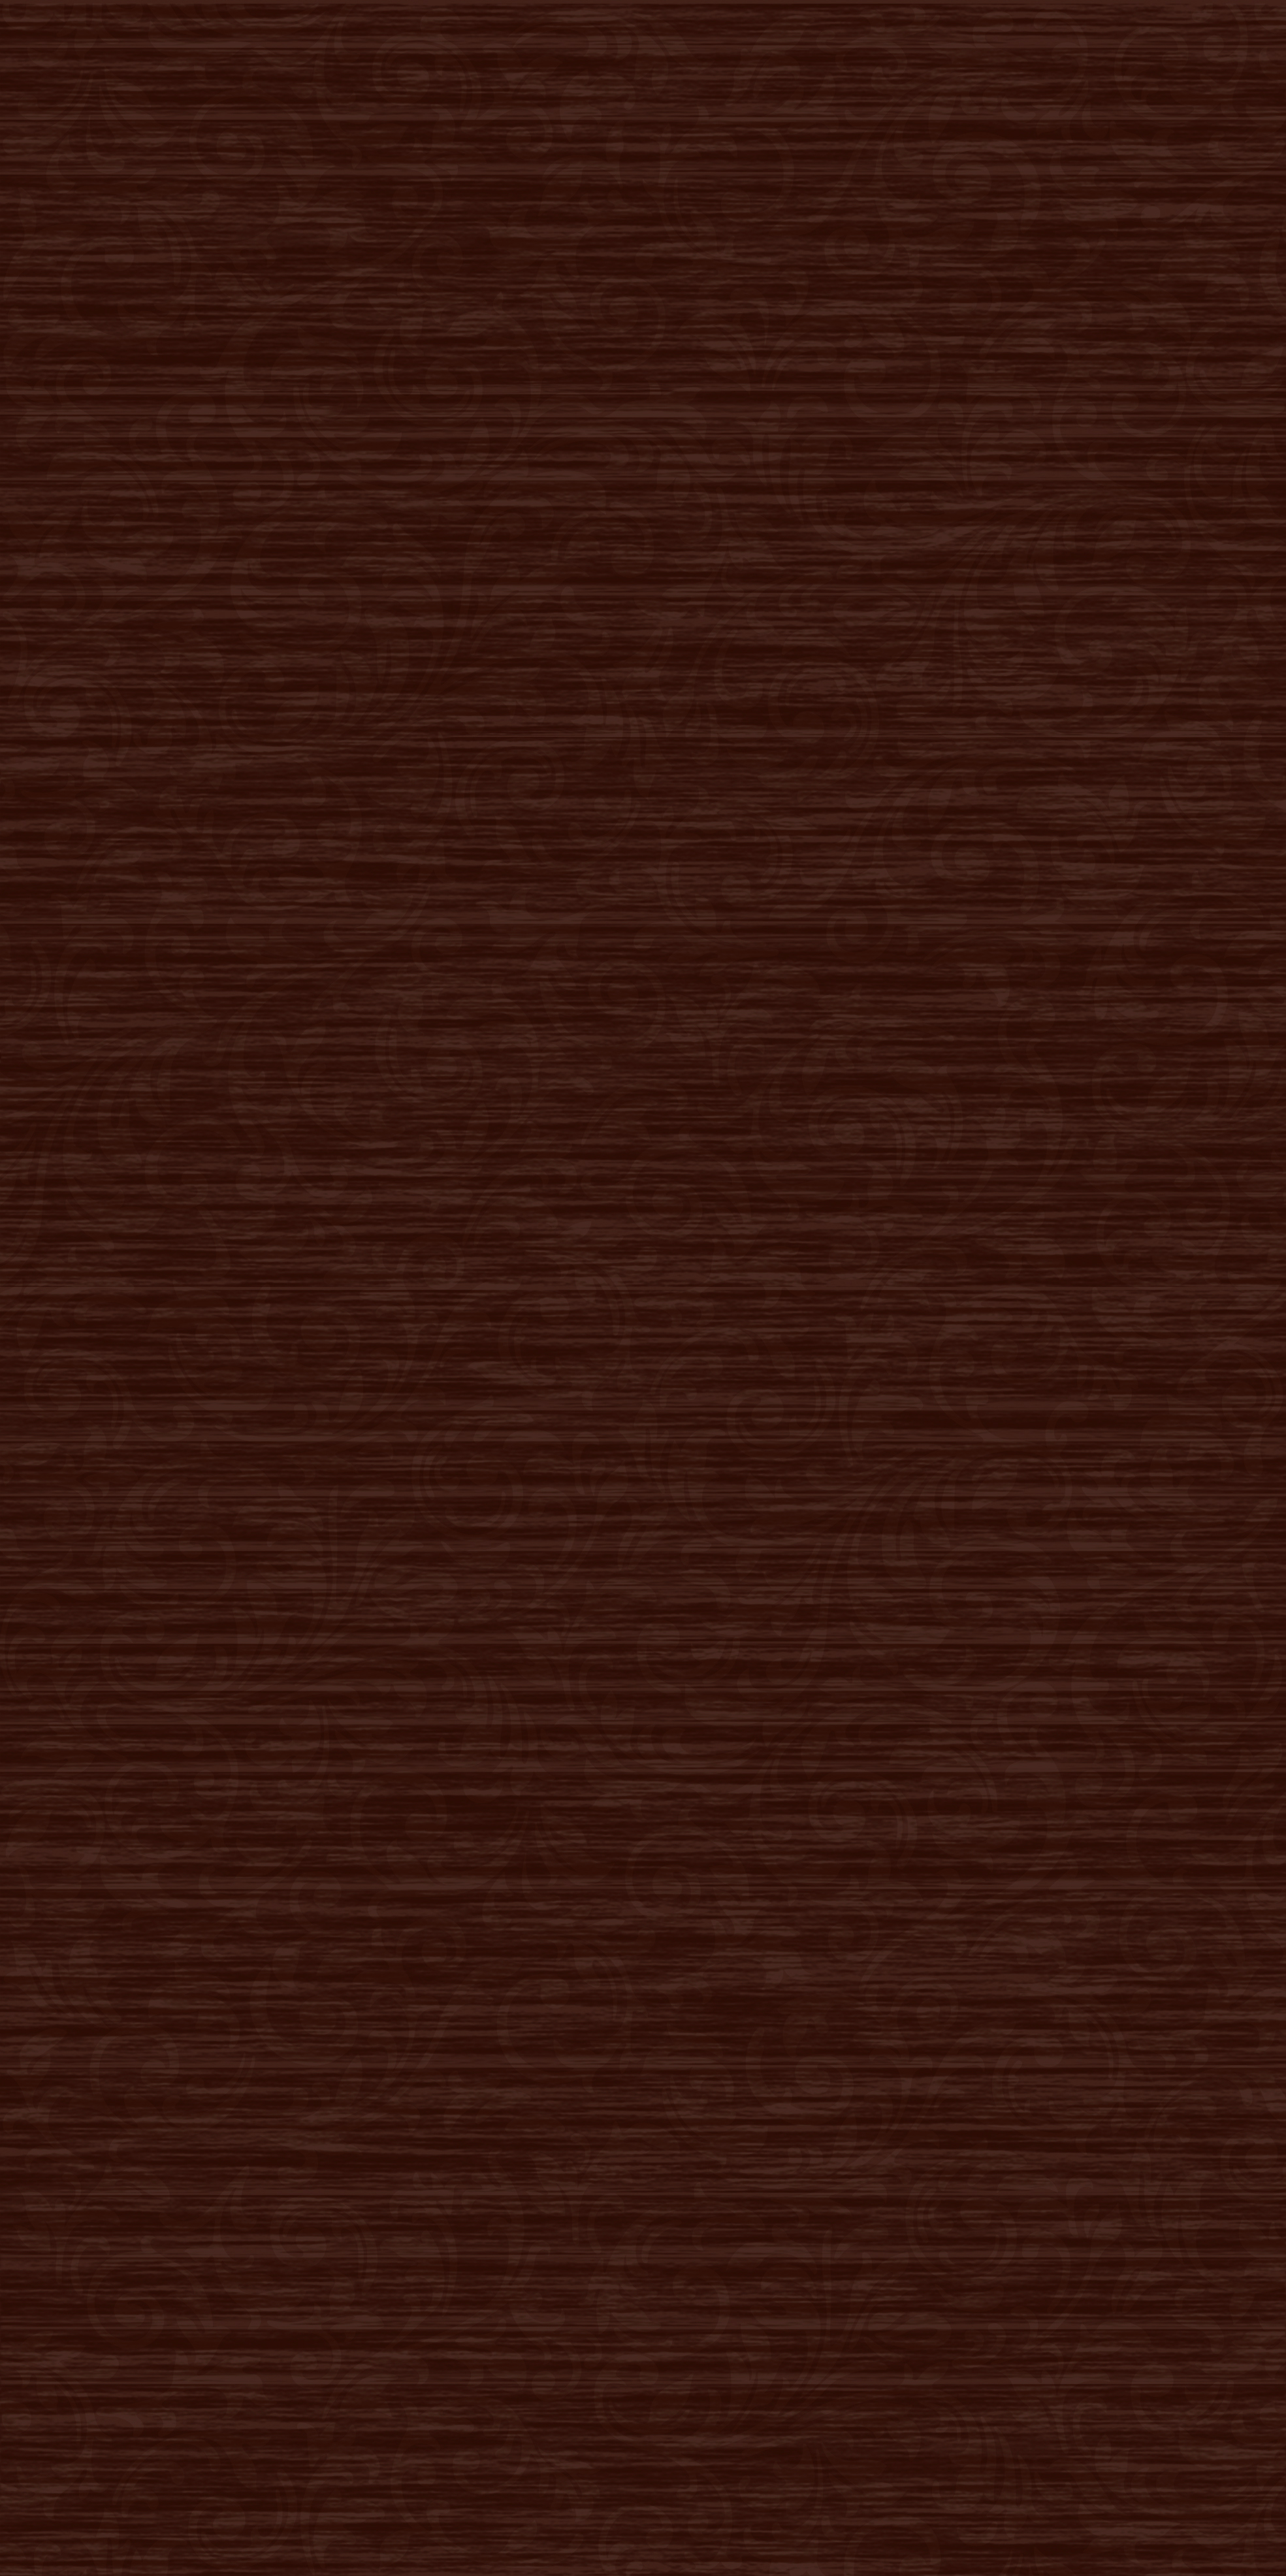 01b Rustico brown 25x50 - Hansas Plaadimaailm